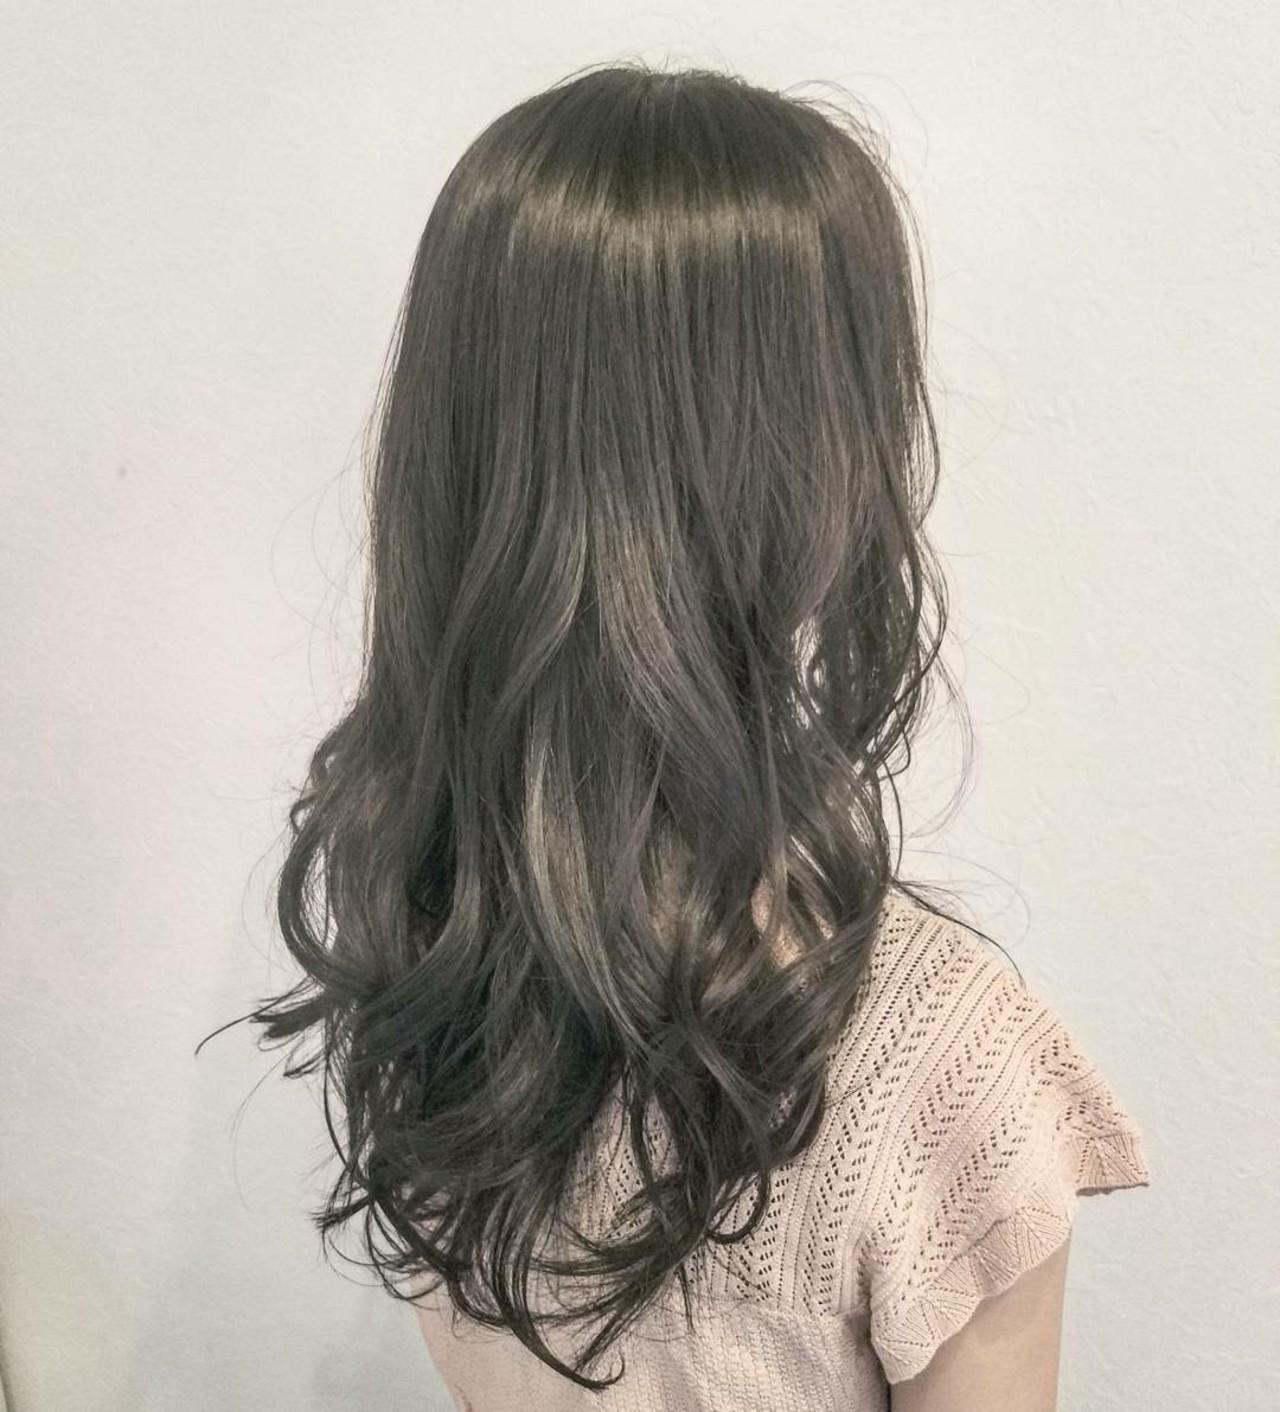 イルミナカラー ロング ナチュラル ウェットヘア ヘアスタイルや髪型の写真・画像